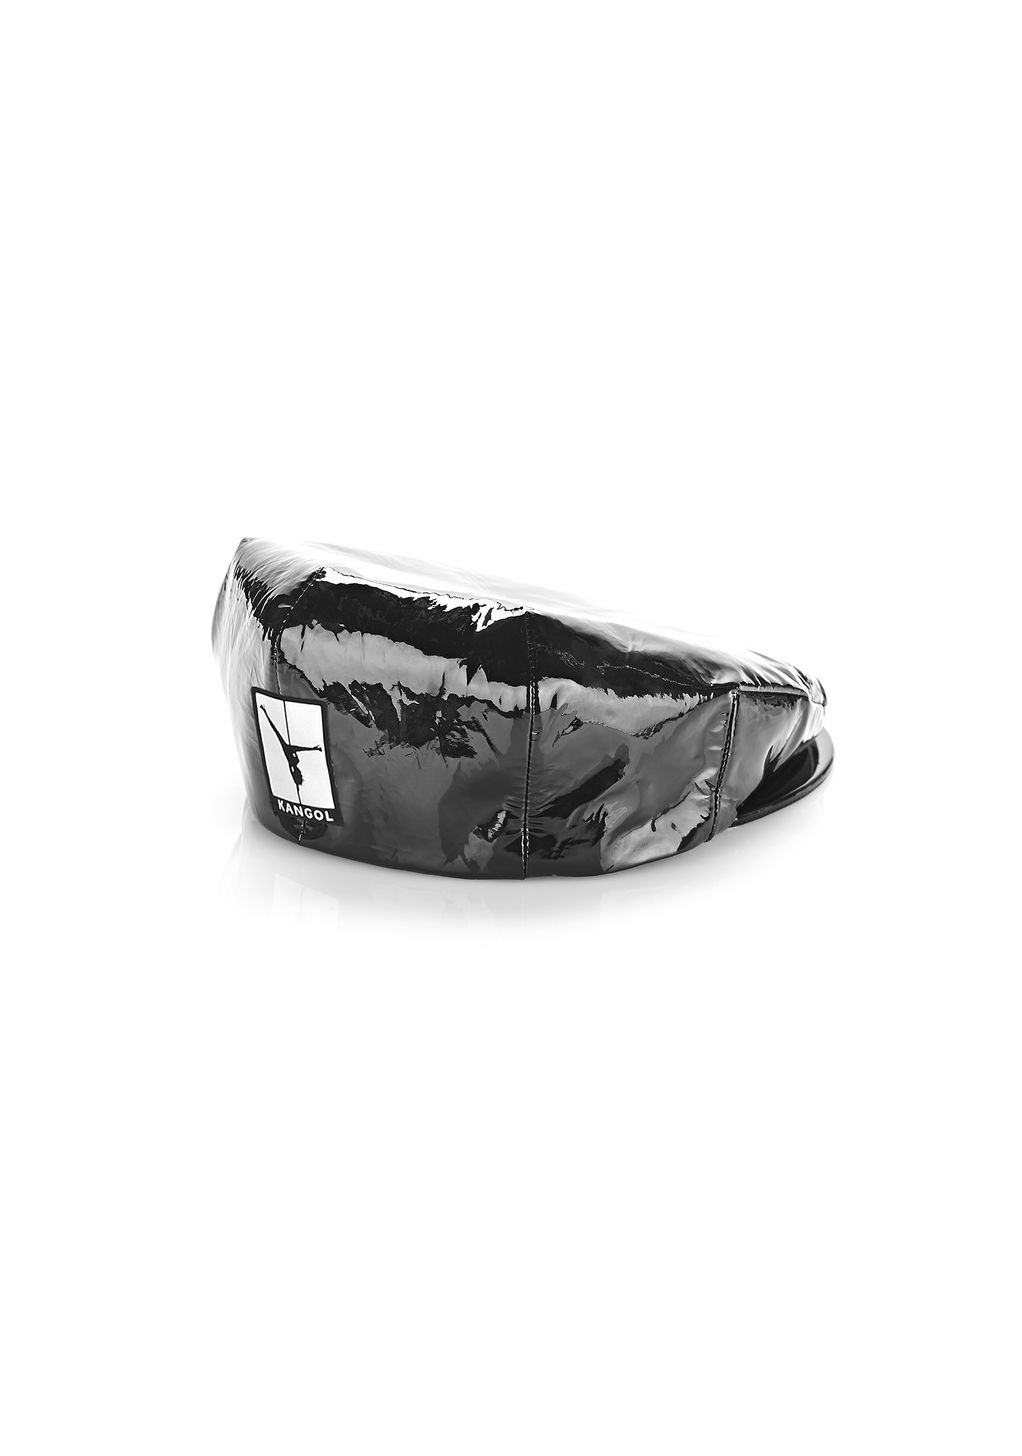 ALEXANDER WANG X KANGOL PEEBLES CAP | Scarf & Hat | Alexander Wang Official Site